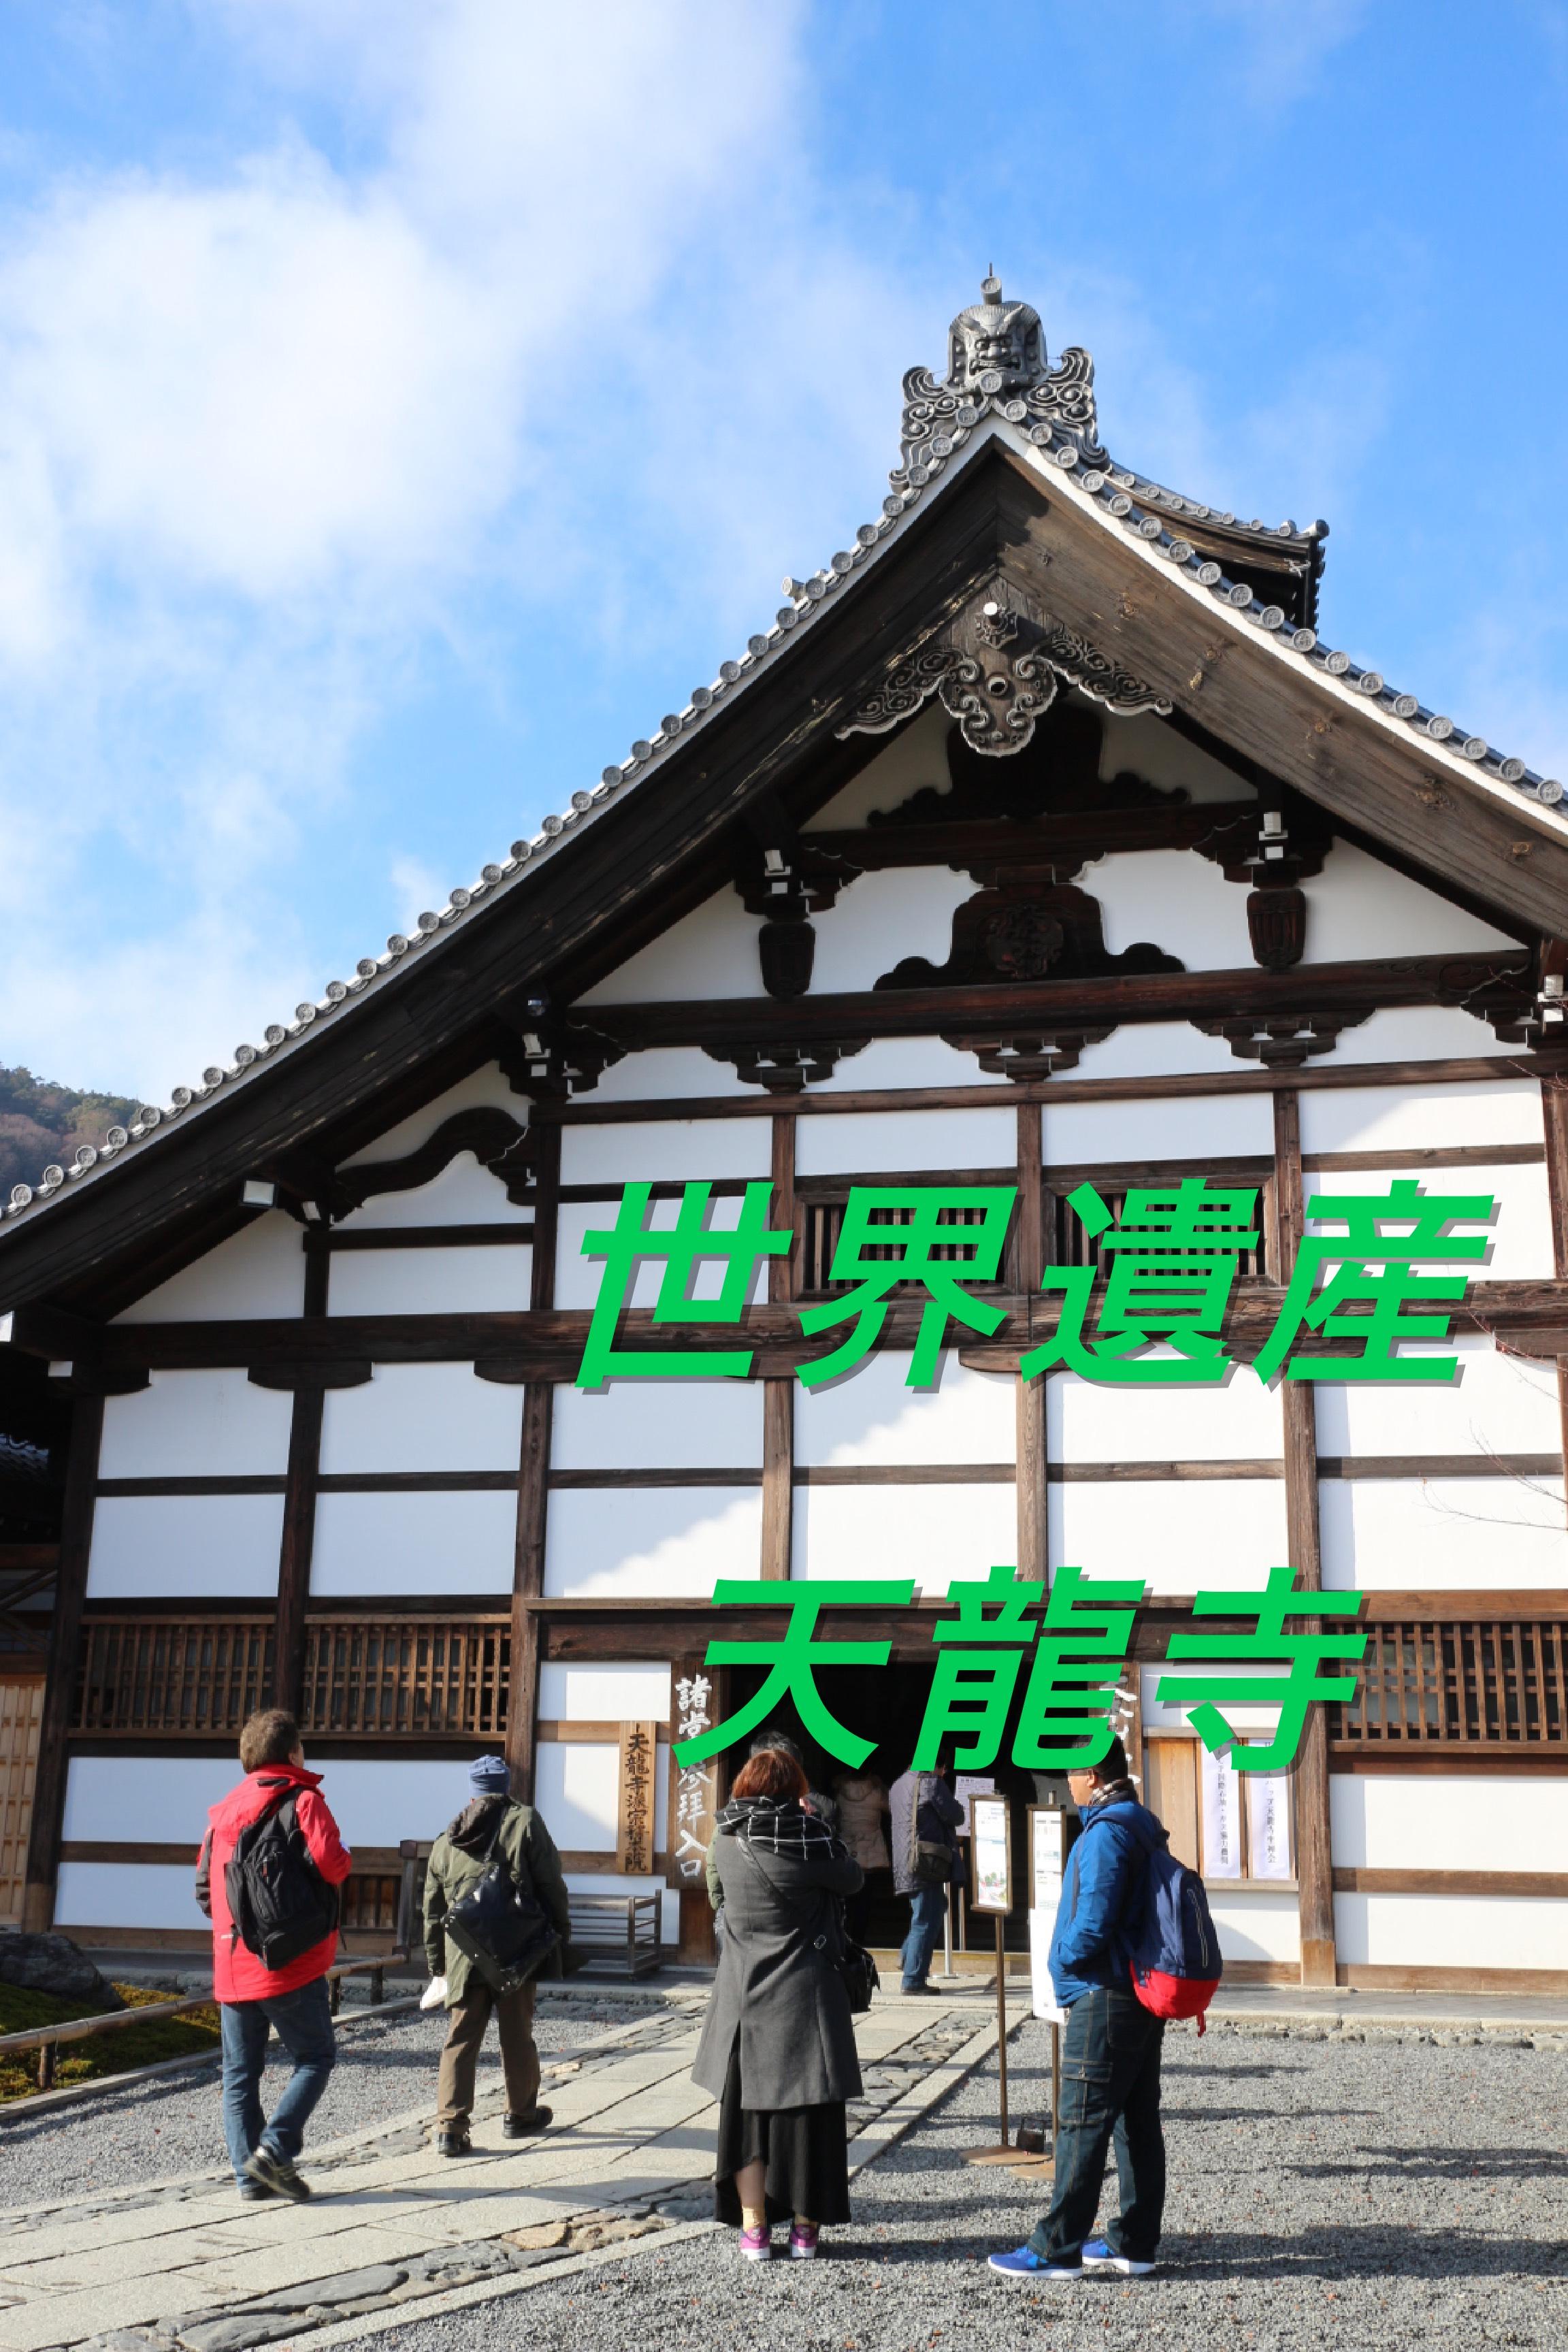 京都で見逃せない借景!世界遺産・天龍寺の御朱印のいただける場所をご紹介